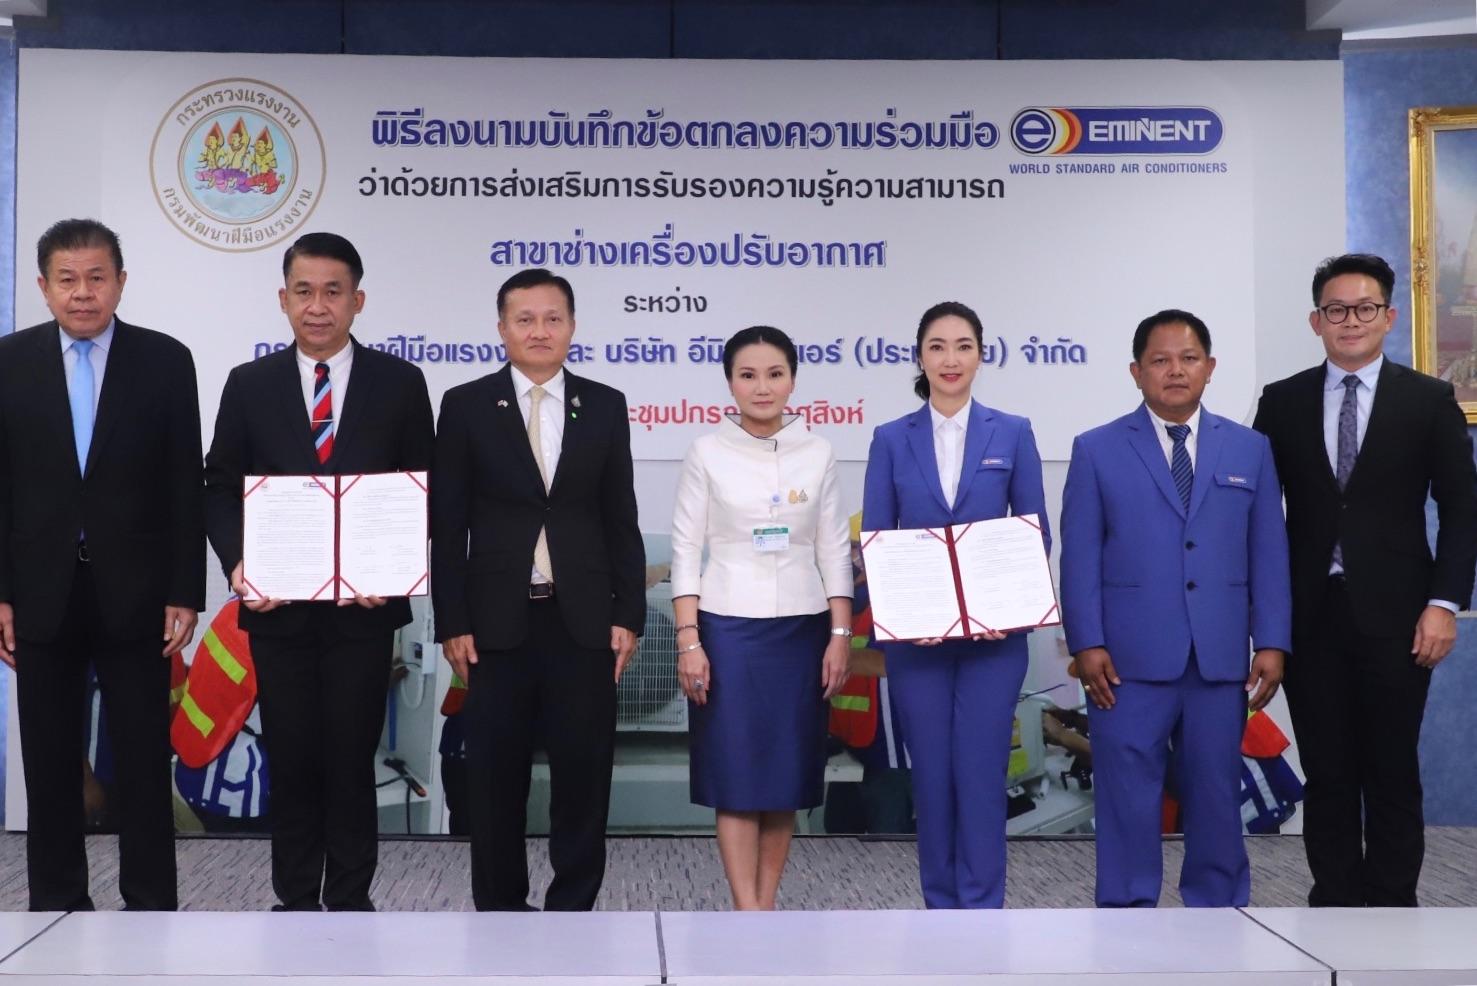 ก.แรงงาน จับมืออีมิแน้นท์แอร์ (ประเทศไทย) ปั้นช่างแอร์ไลเซนส์ เพิ่มปริมาณ-คุณภาพด้านความปลอดภัย